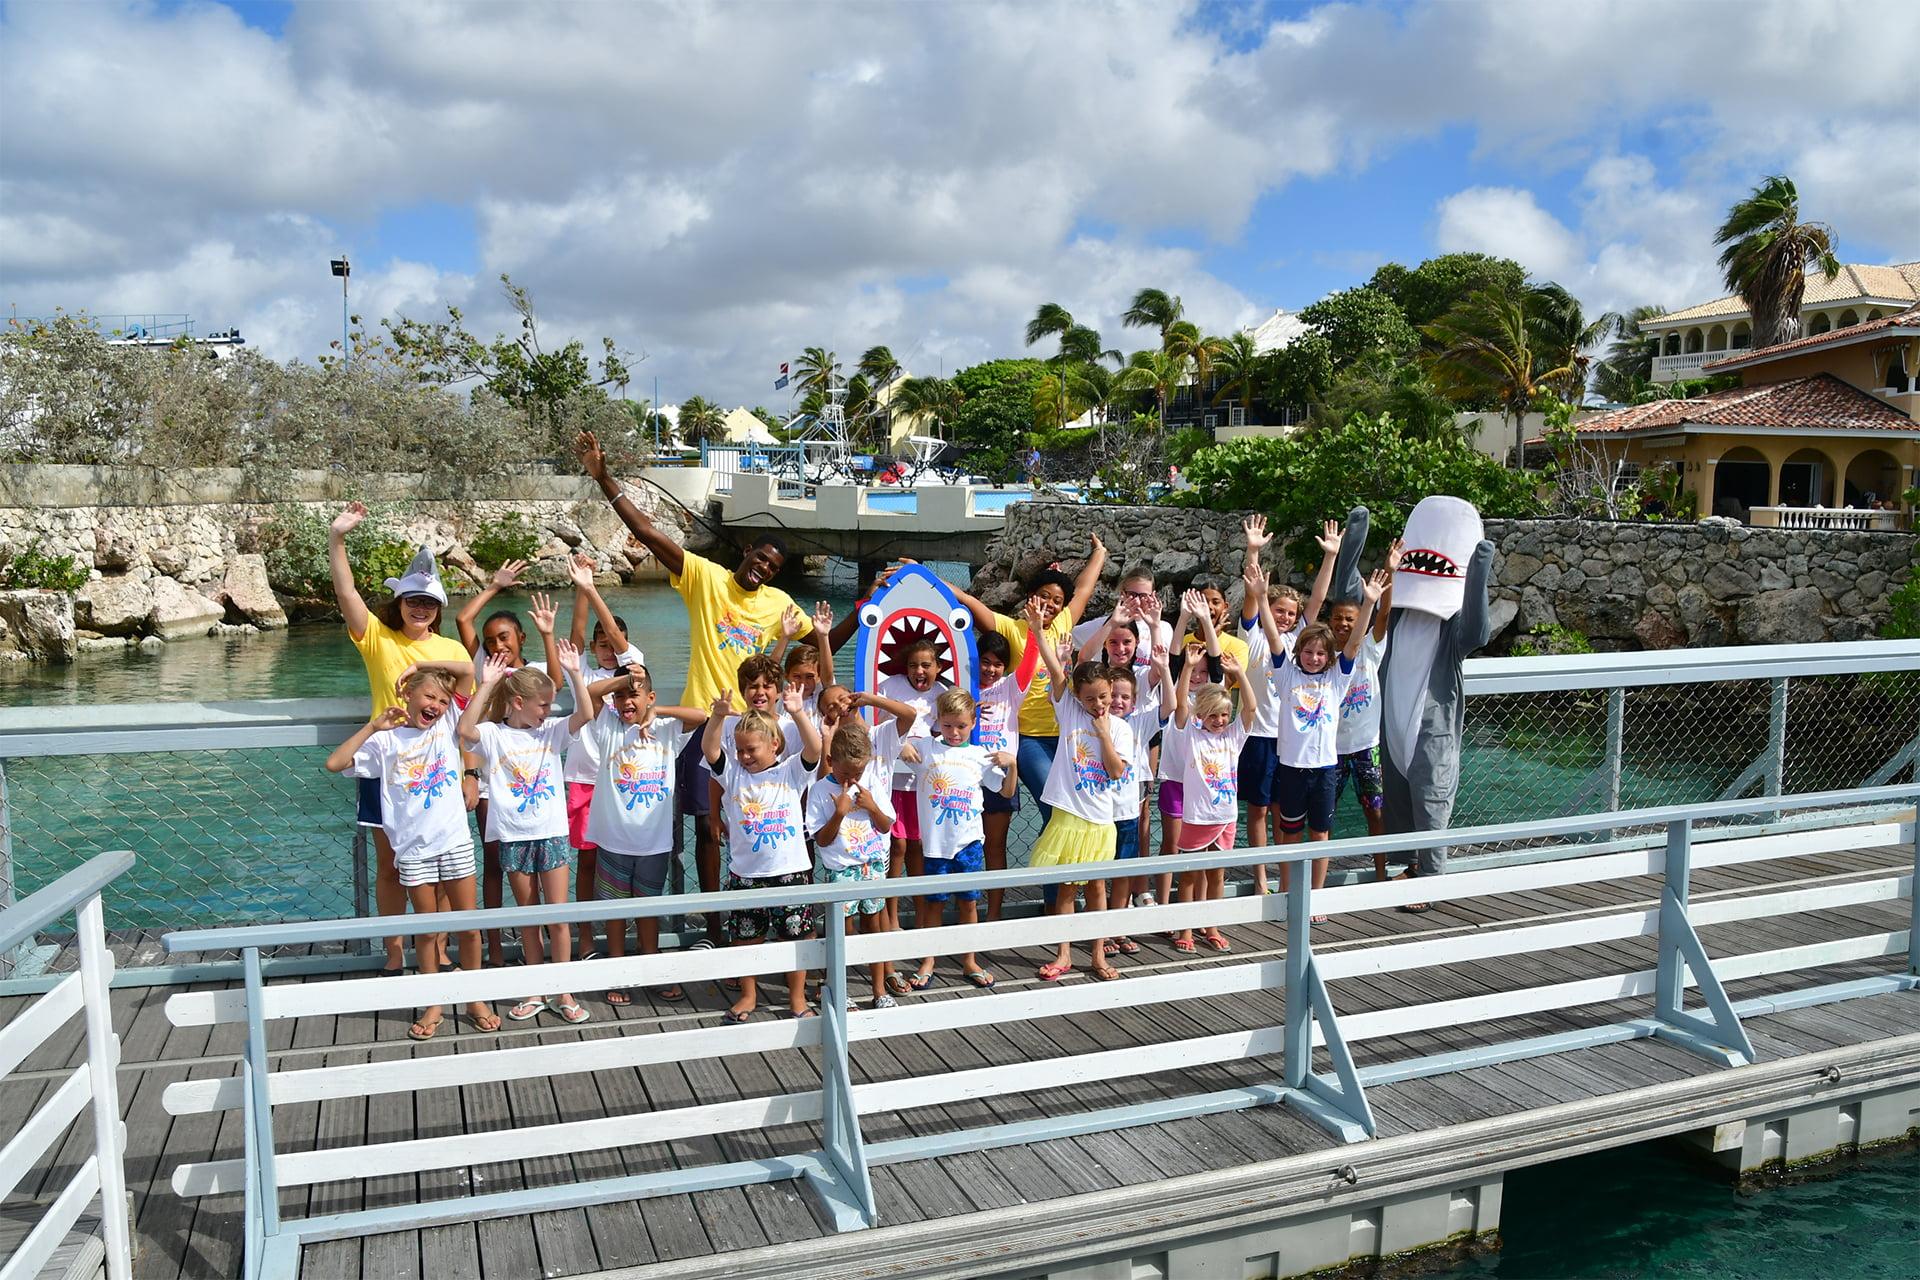 Curaçao Sea Aquarium faciliteert een vakantieplan met activiteiten voor kinderen om te leren over het onderwaterleven.